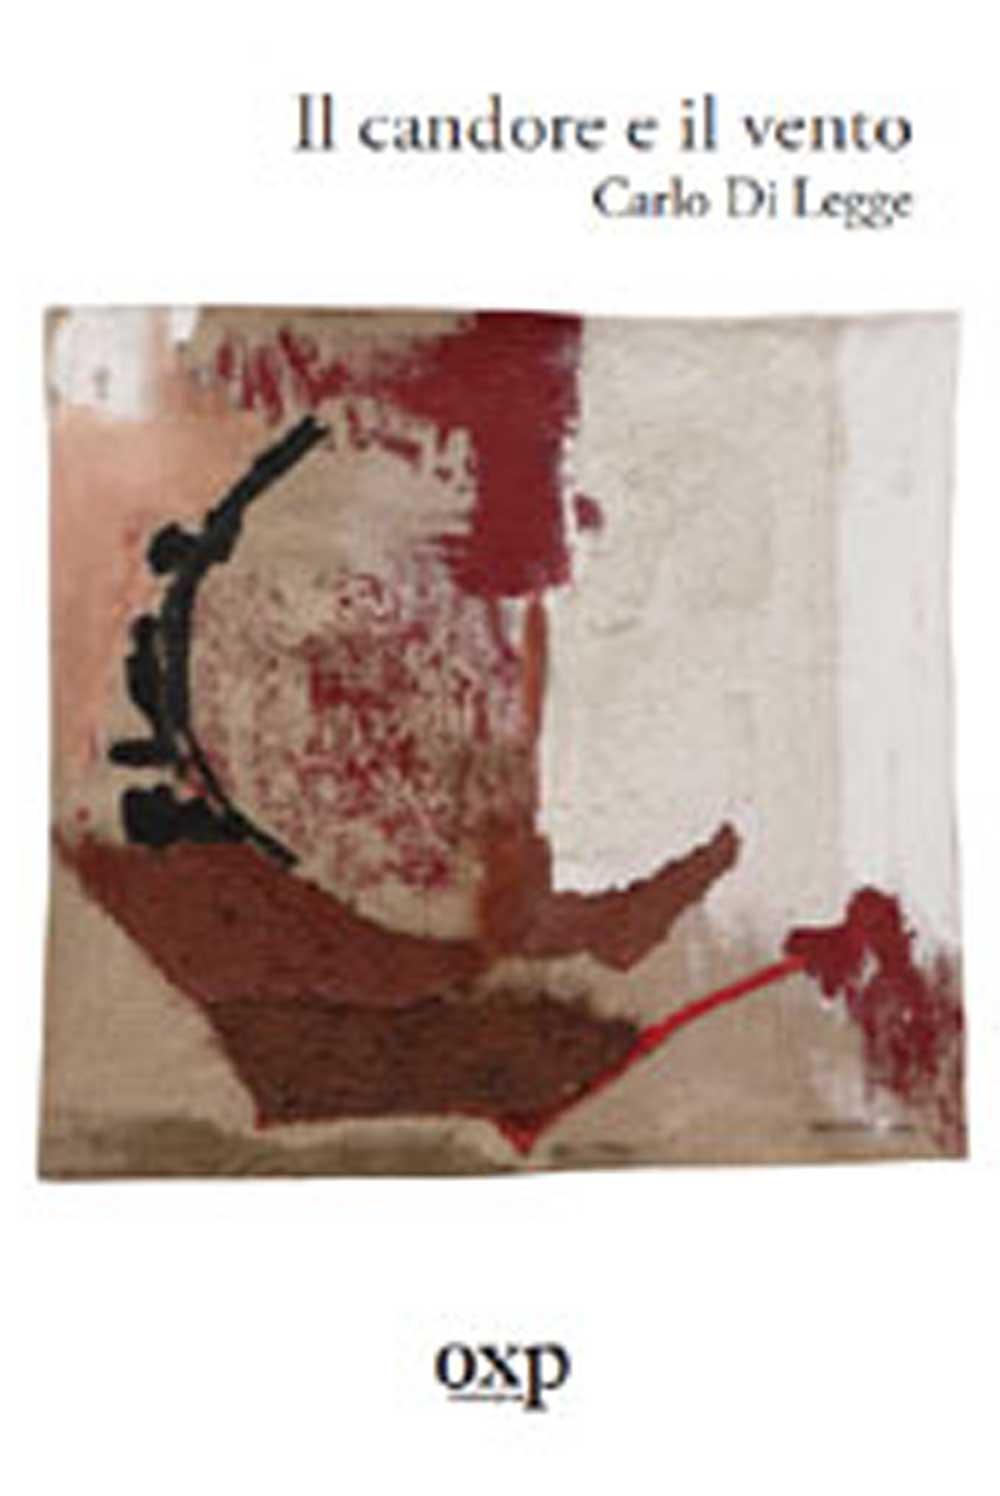 Il candore e il vento, di CarloDi Legge (Fuori Collana, 2008)